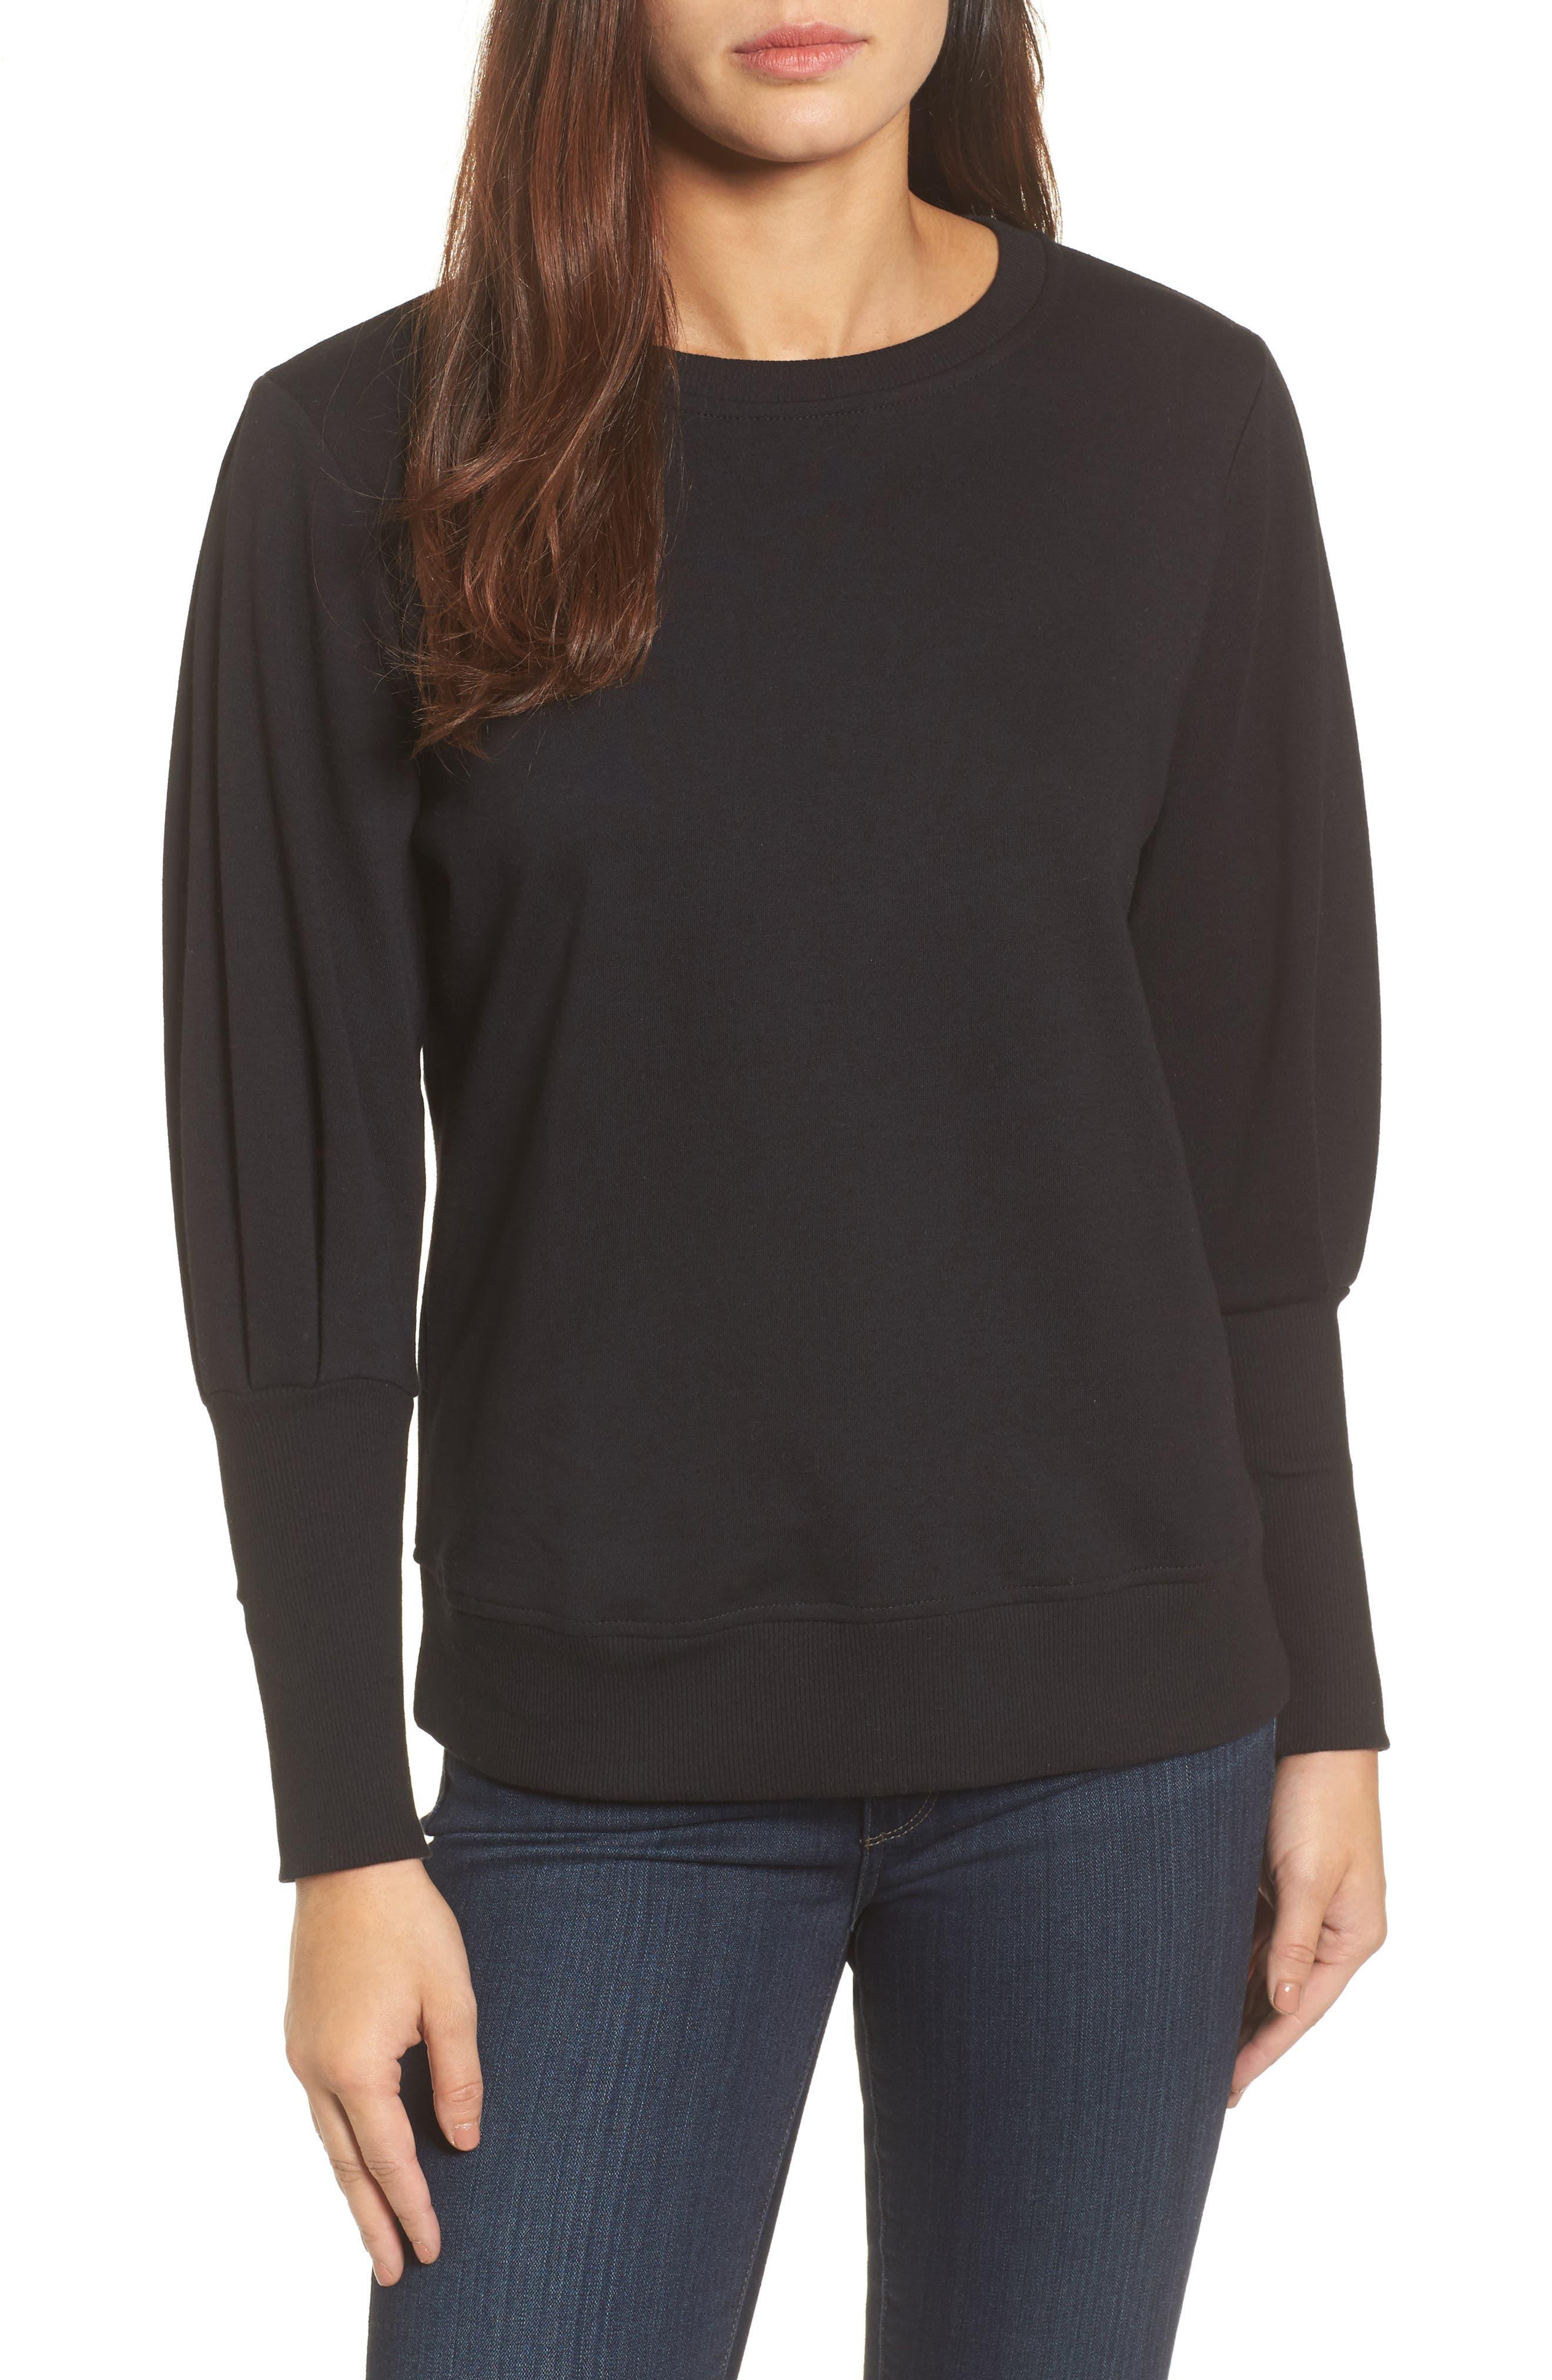 Blouson Sleeve Sweatshirt,                             Main thumbnail 1, color,                             001